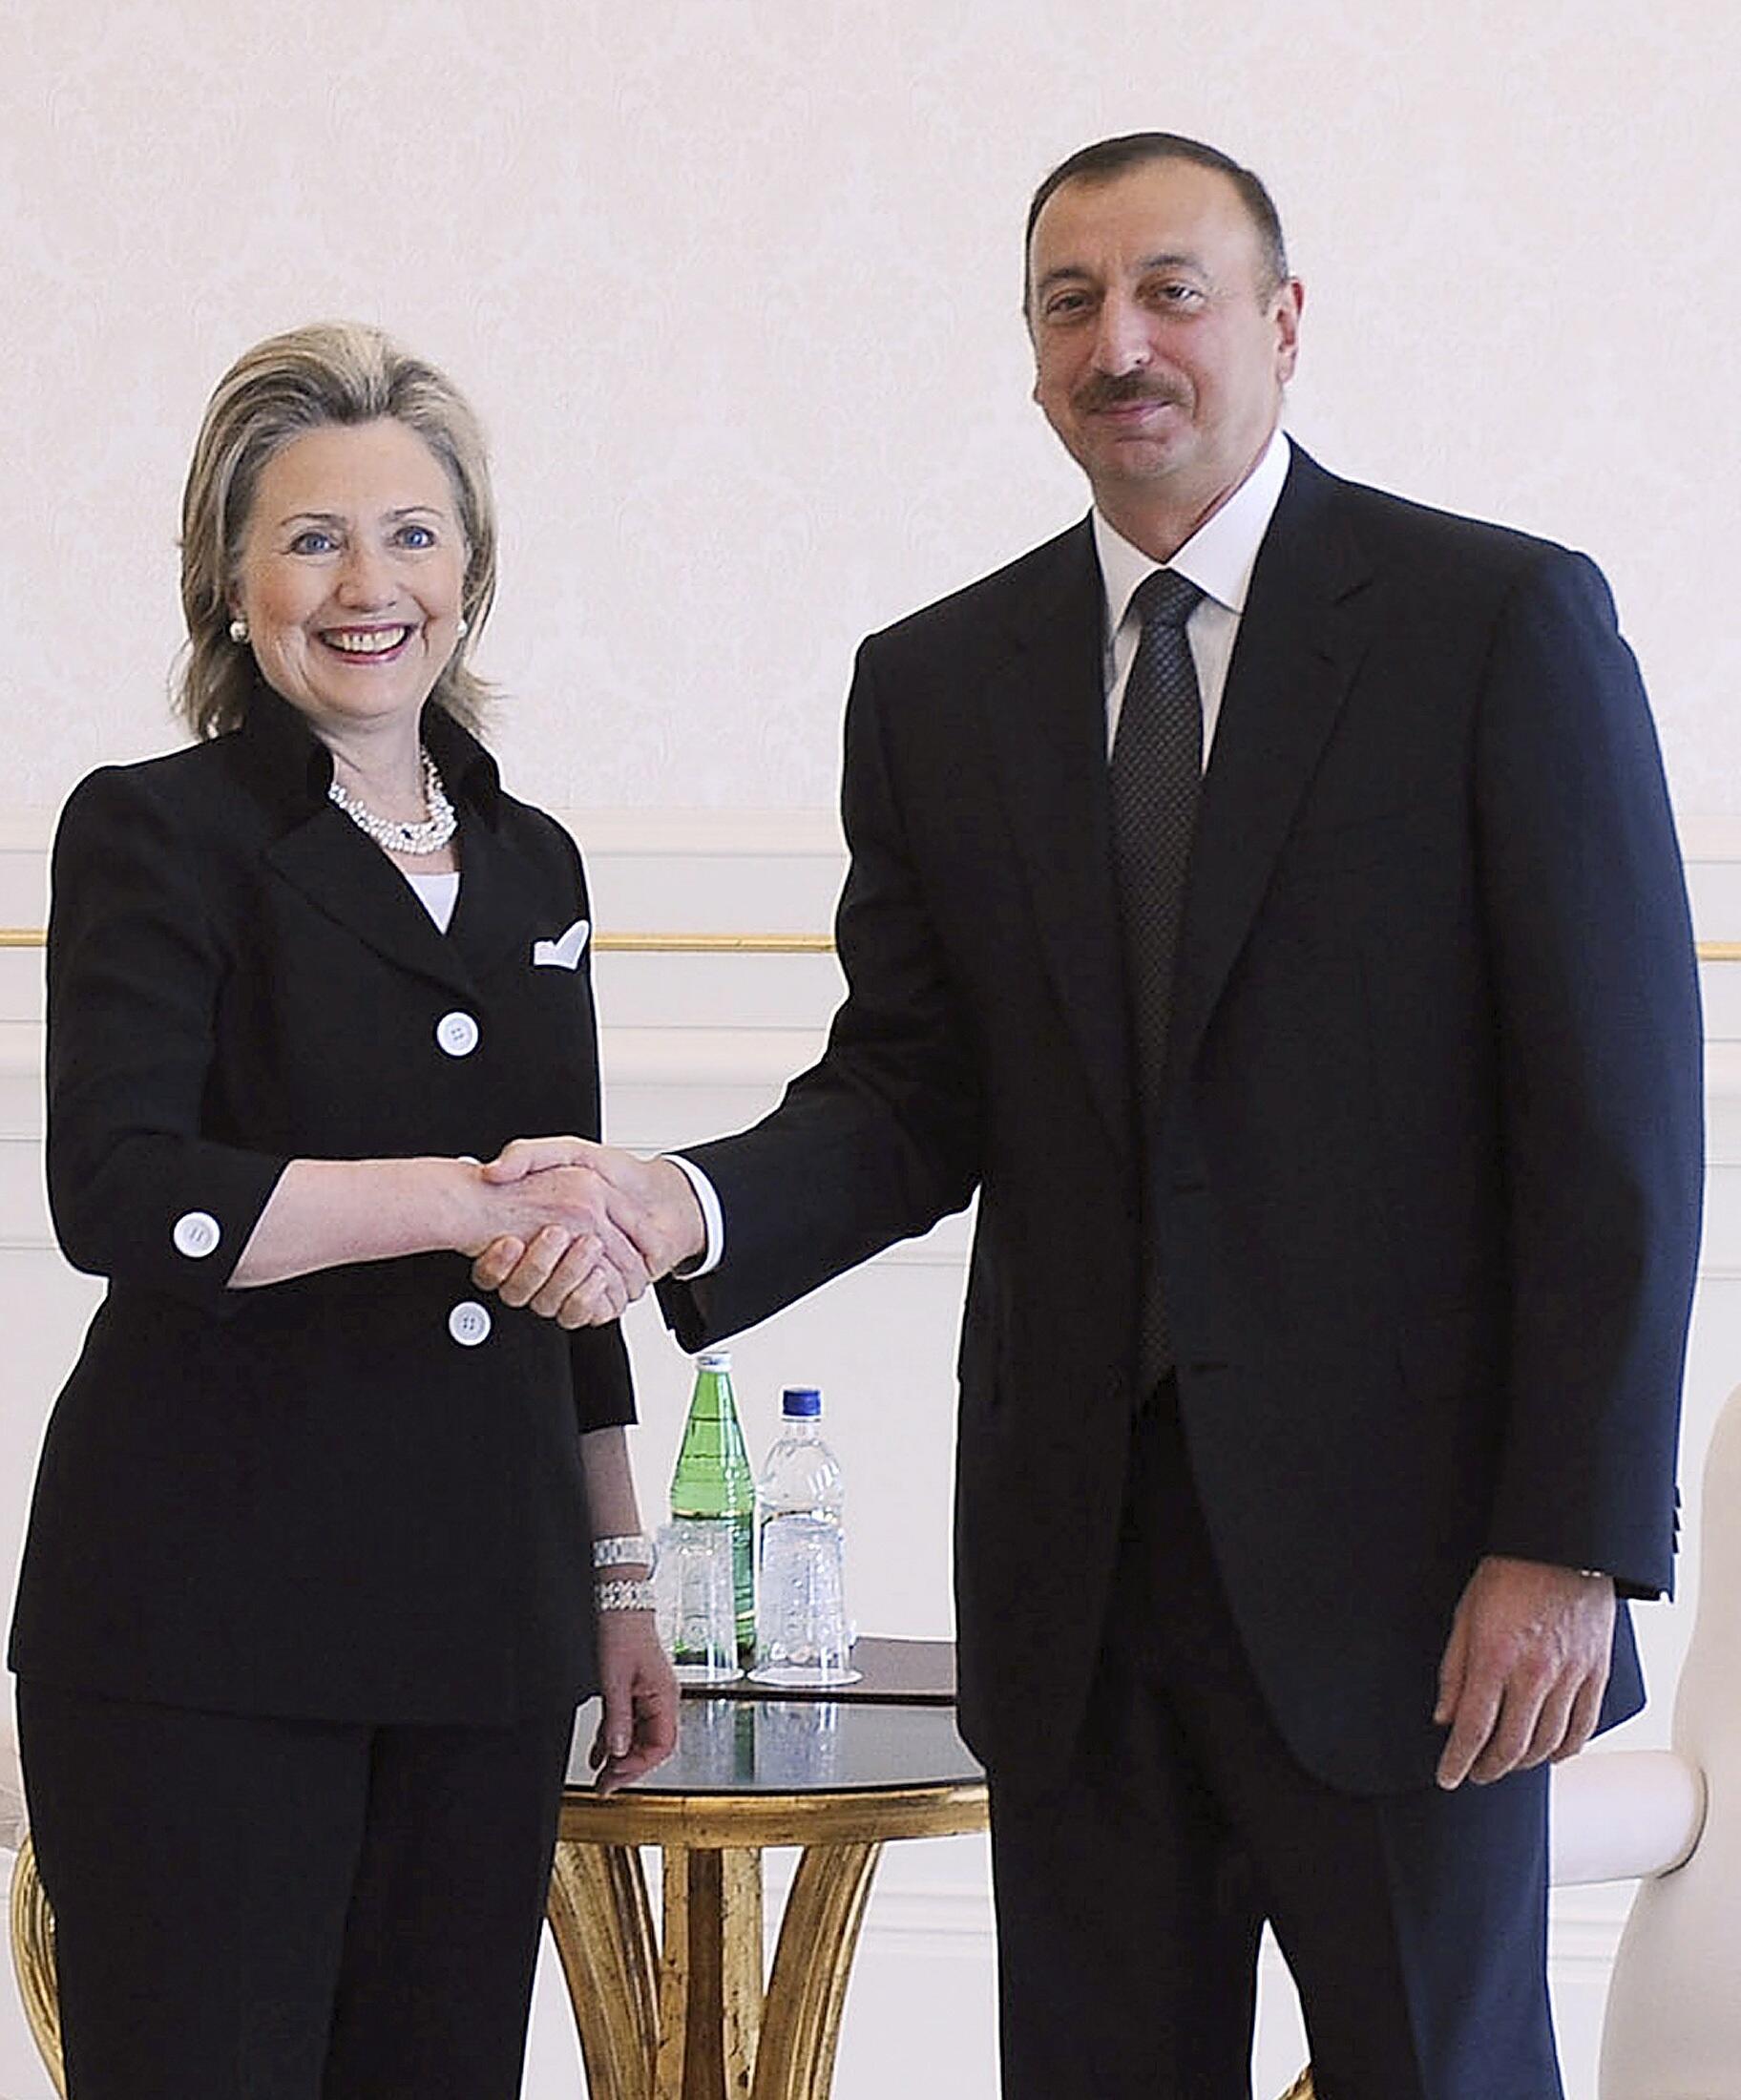 Госсекретарь США Хиллари Клинтон и президент Азербайджана Ильхам Алиев. Баку, 4 июля 2010